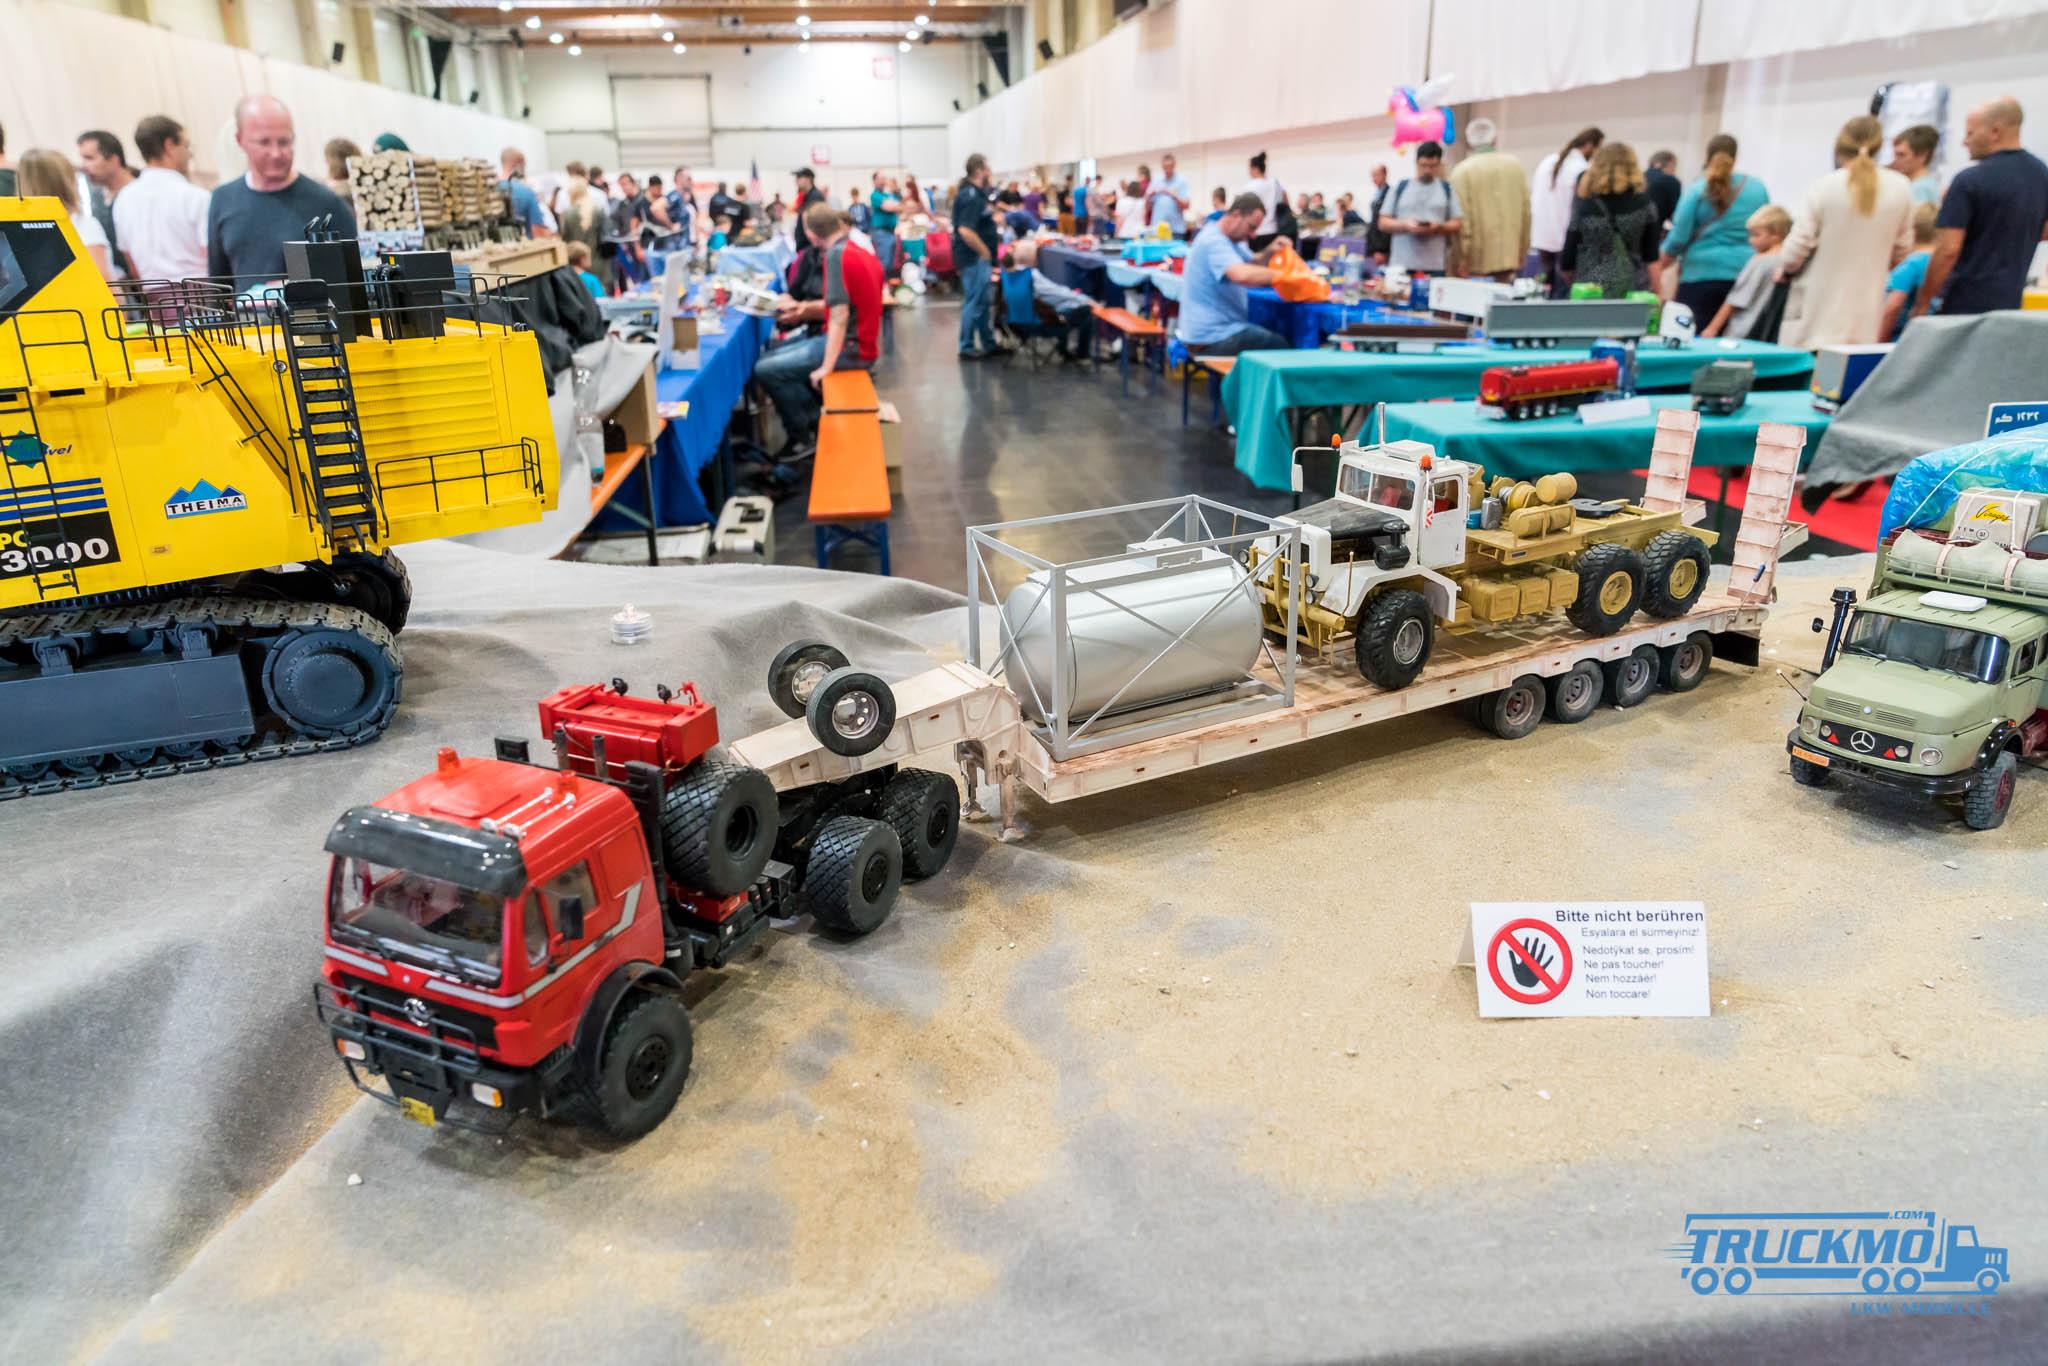 Truckmo_Modellbau_Ried_2017_Herpa_Messe_Modellbauausstellung (421 von 1177)